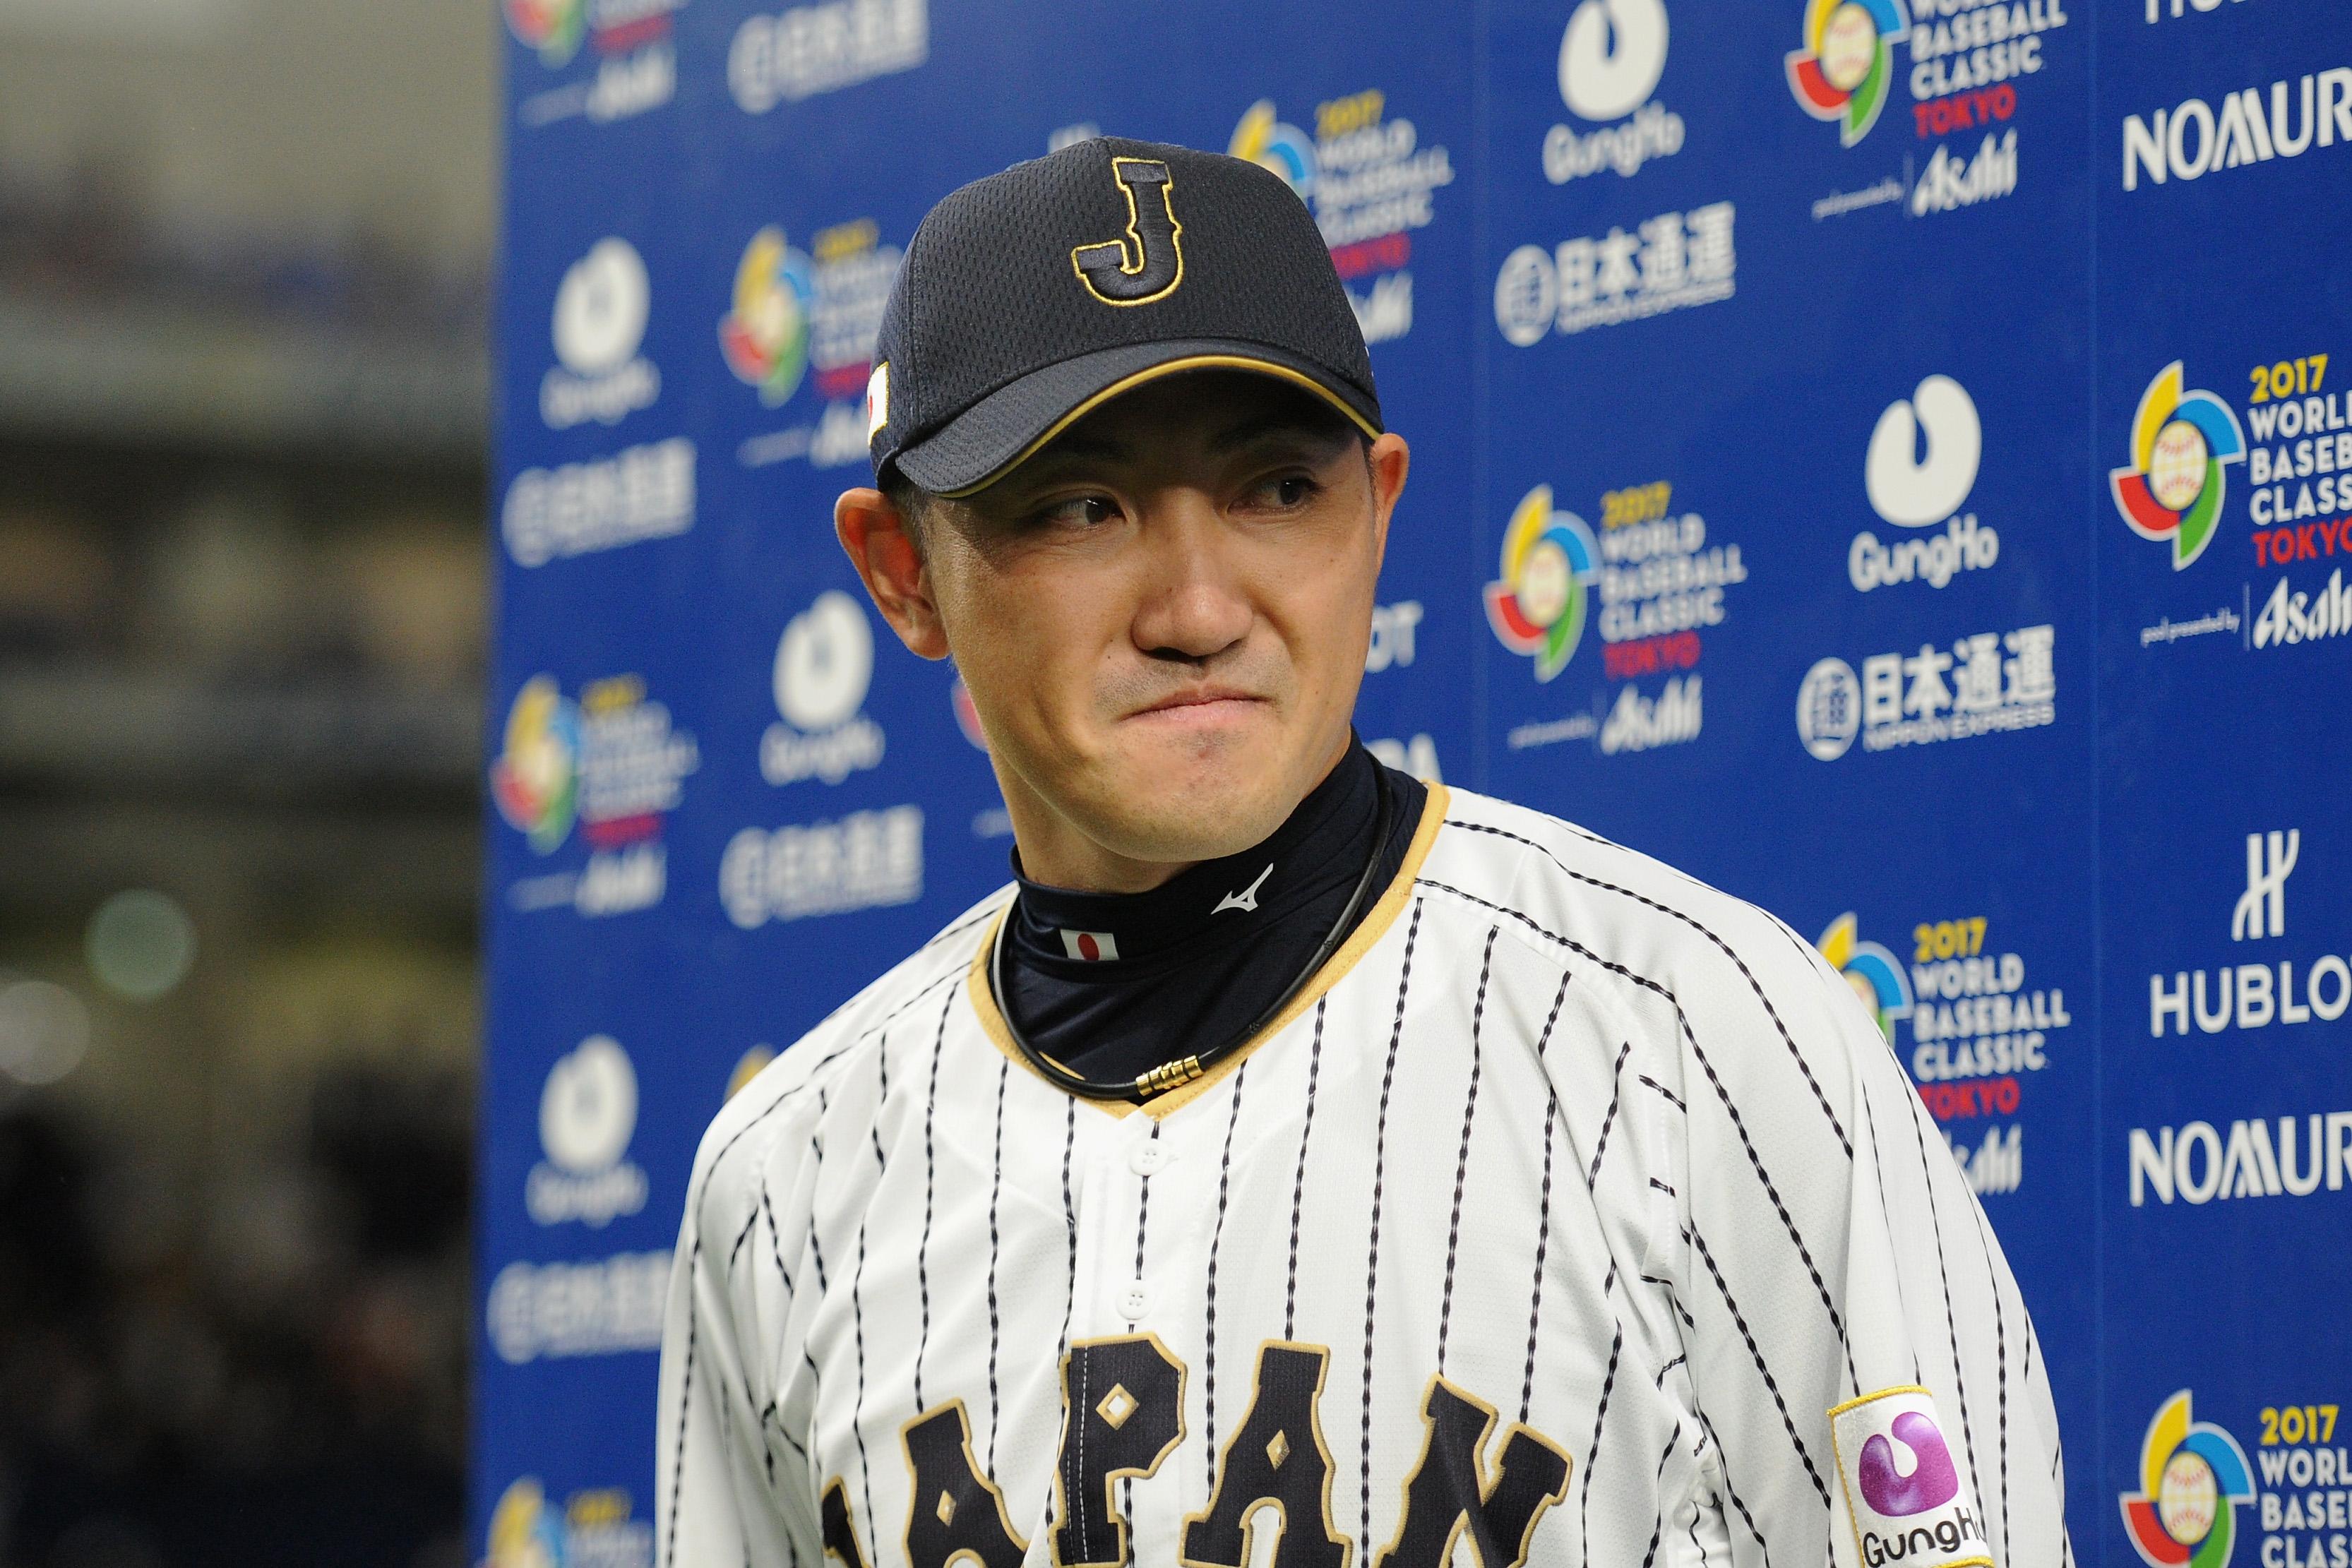 聖 一 内川 内川 聖一|侍ジャパン選手プロフィール|野球日本代表